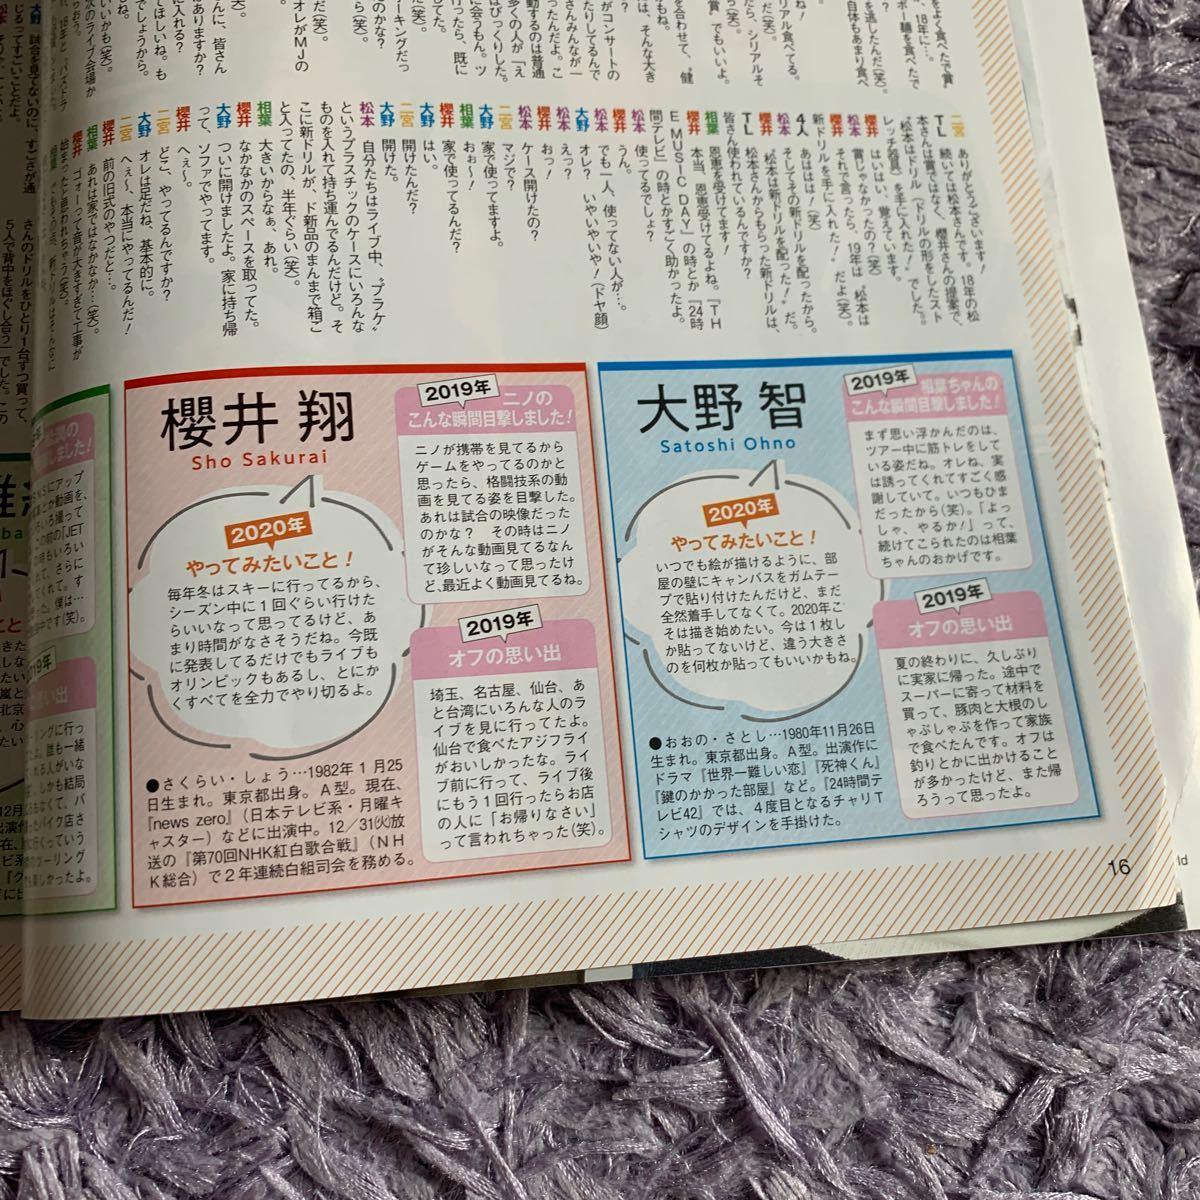 TV LIFE 嵐 お正月特大号 嵐ピンナップ